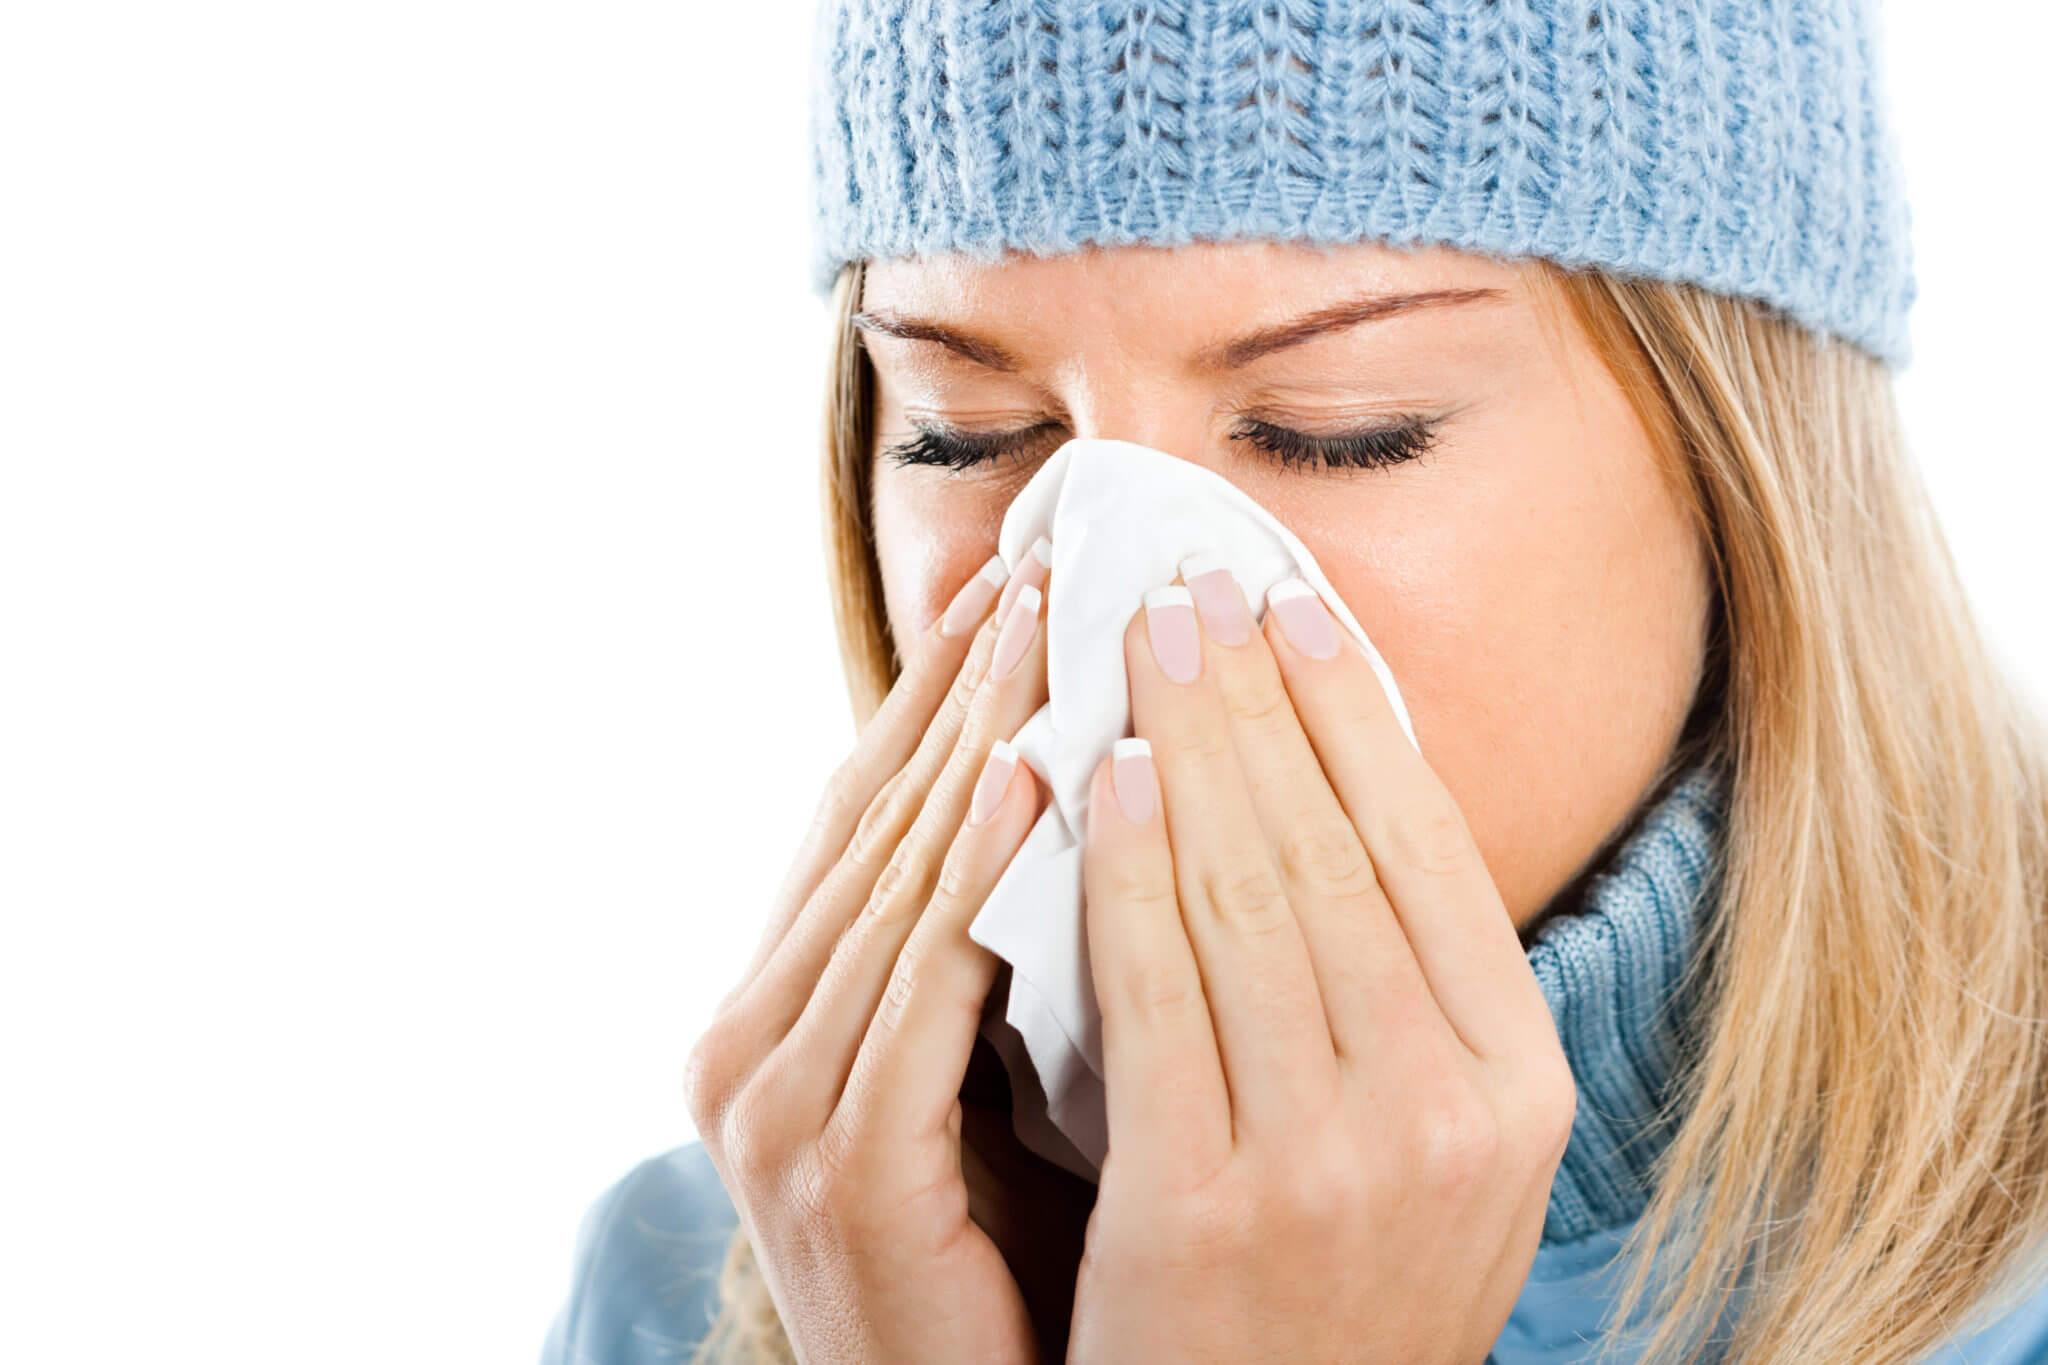 Эффективное лечение насморка - спреи и капли в нос, народные средства и ингаляции